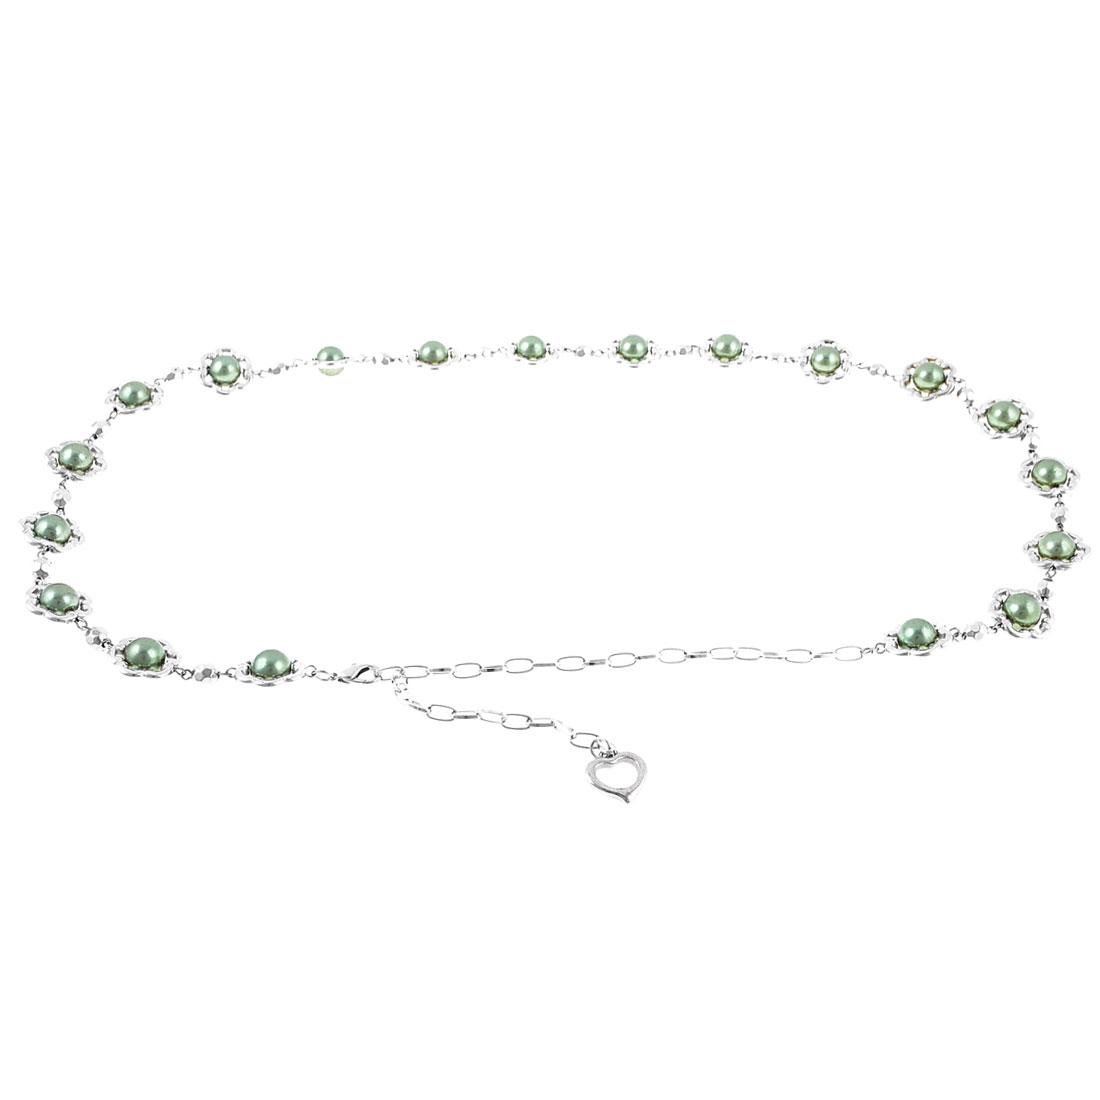 Lobster Closure Metallic Heart Dangle Waist Belt Chain Green for Woman